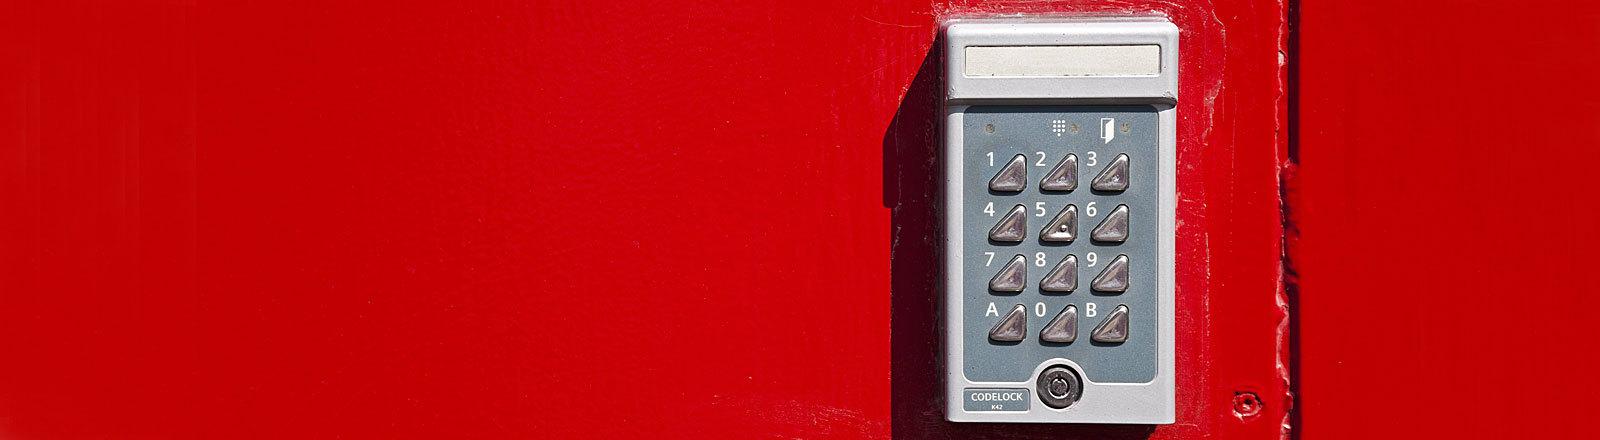 Ausschnitt einer roten Tür mit einem Codeschloss